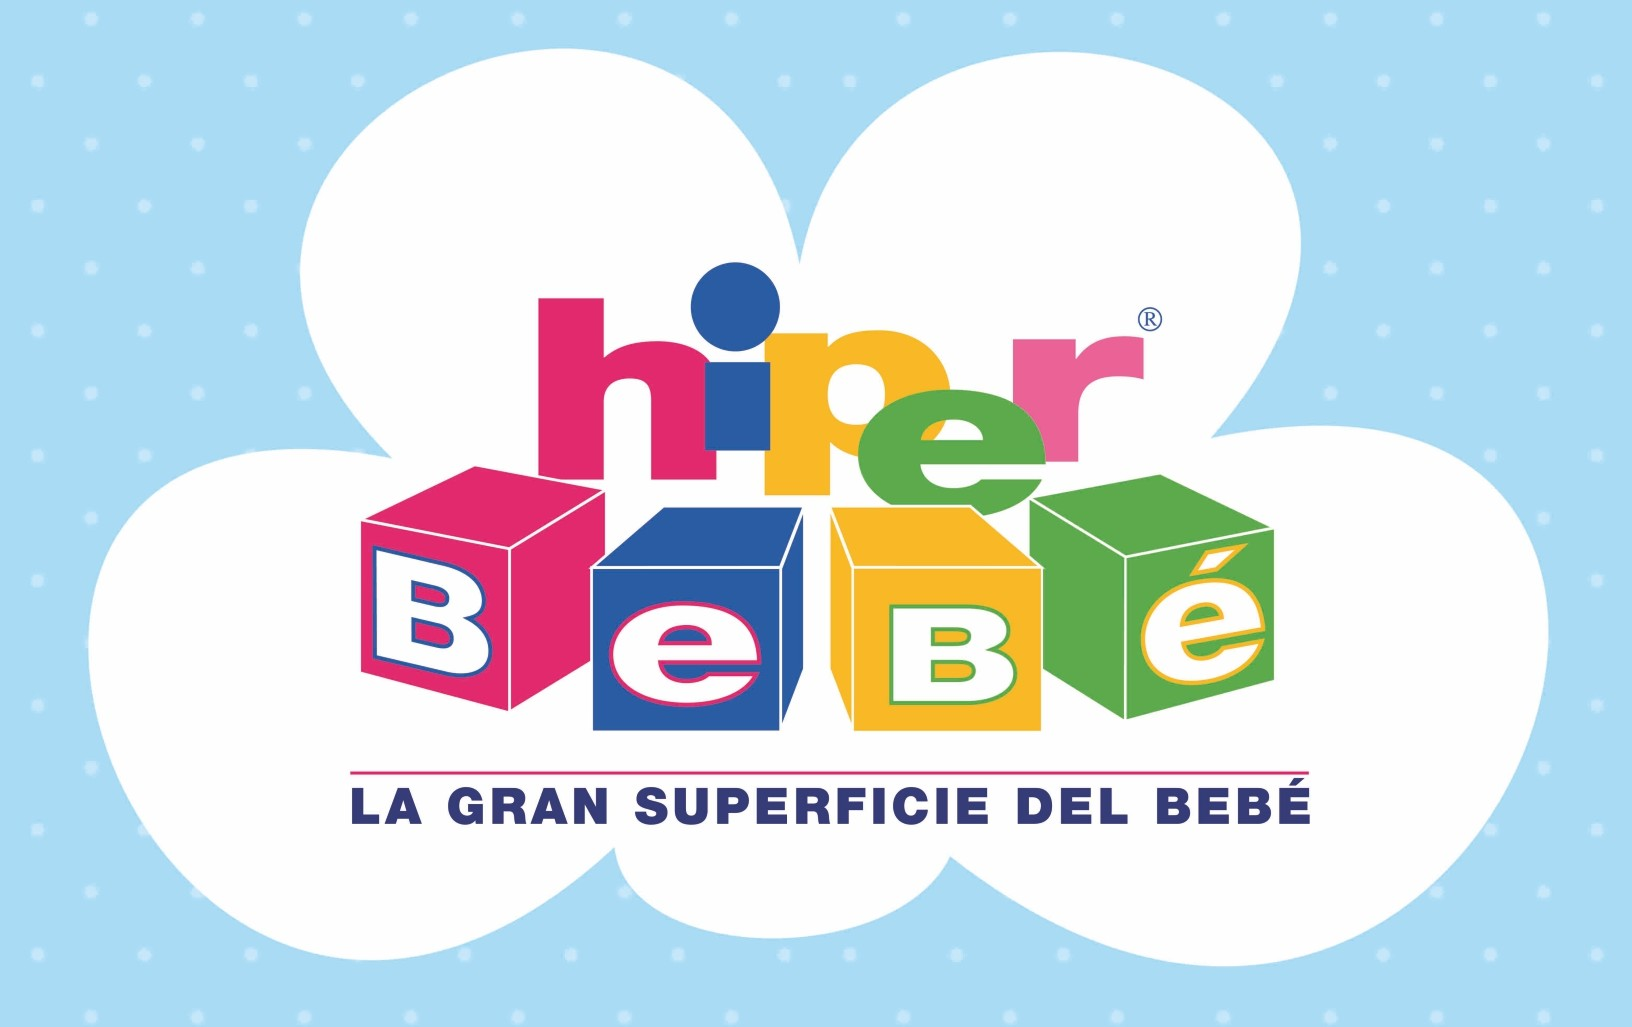 logohiperbebé - Hiperbebé